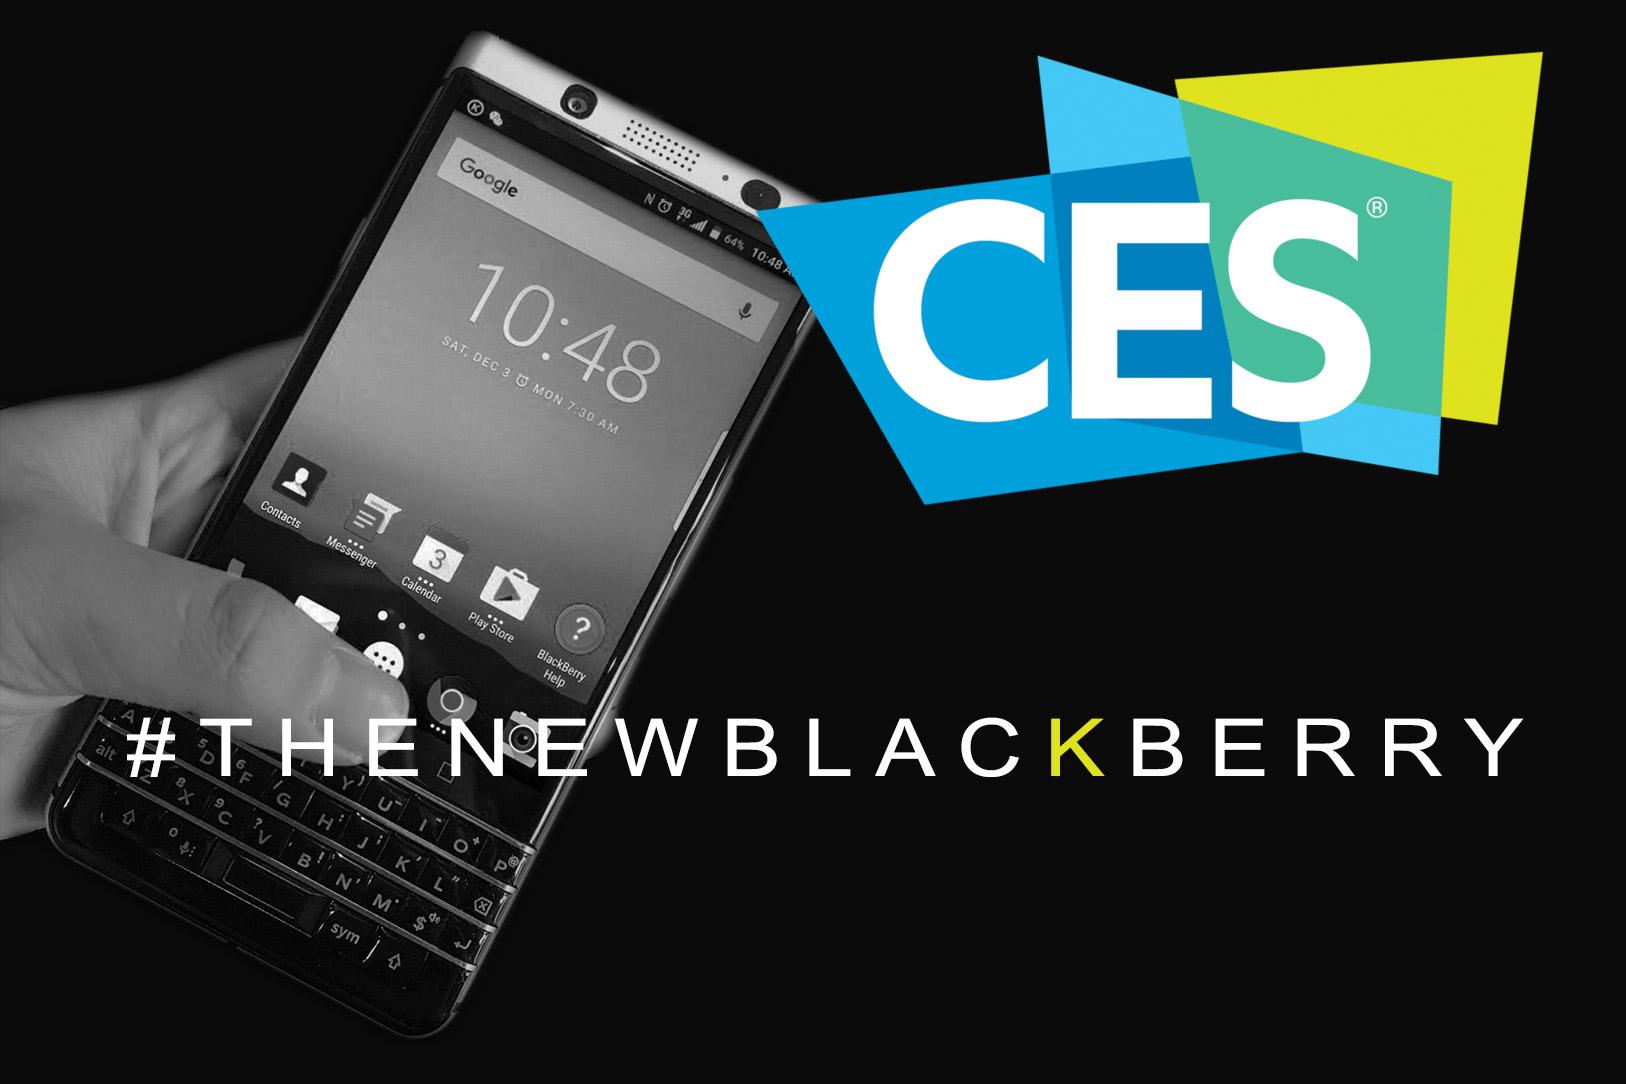 BlackBerry-CES2017.jpg